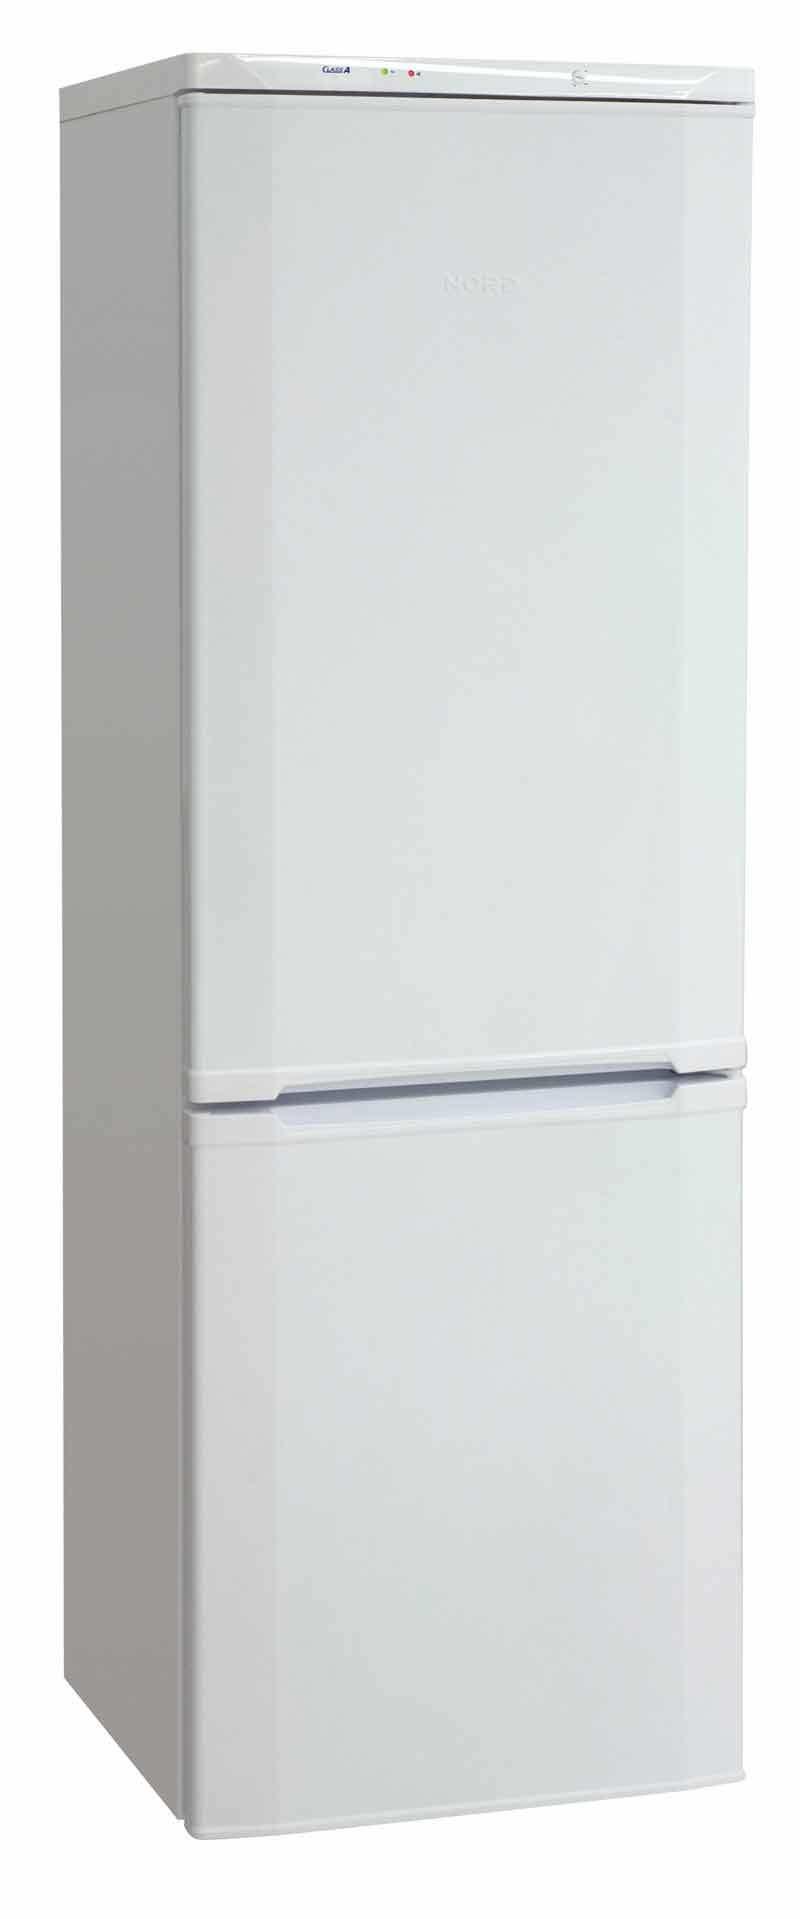 Холодильник Норд ДХ-239-7-022 в интернет-магазине бытовой техники BazaBT.ru.